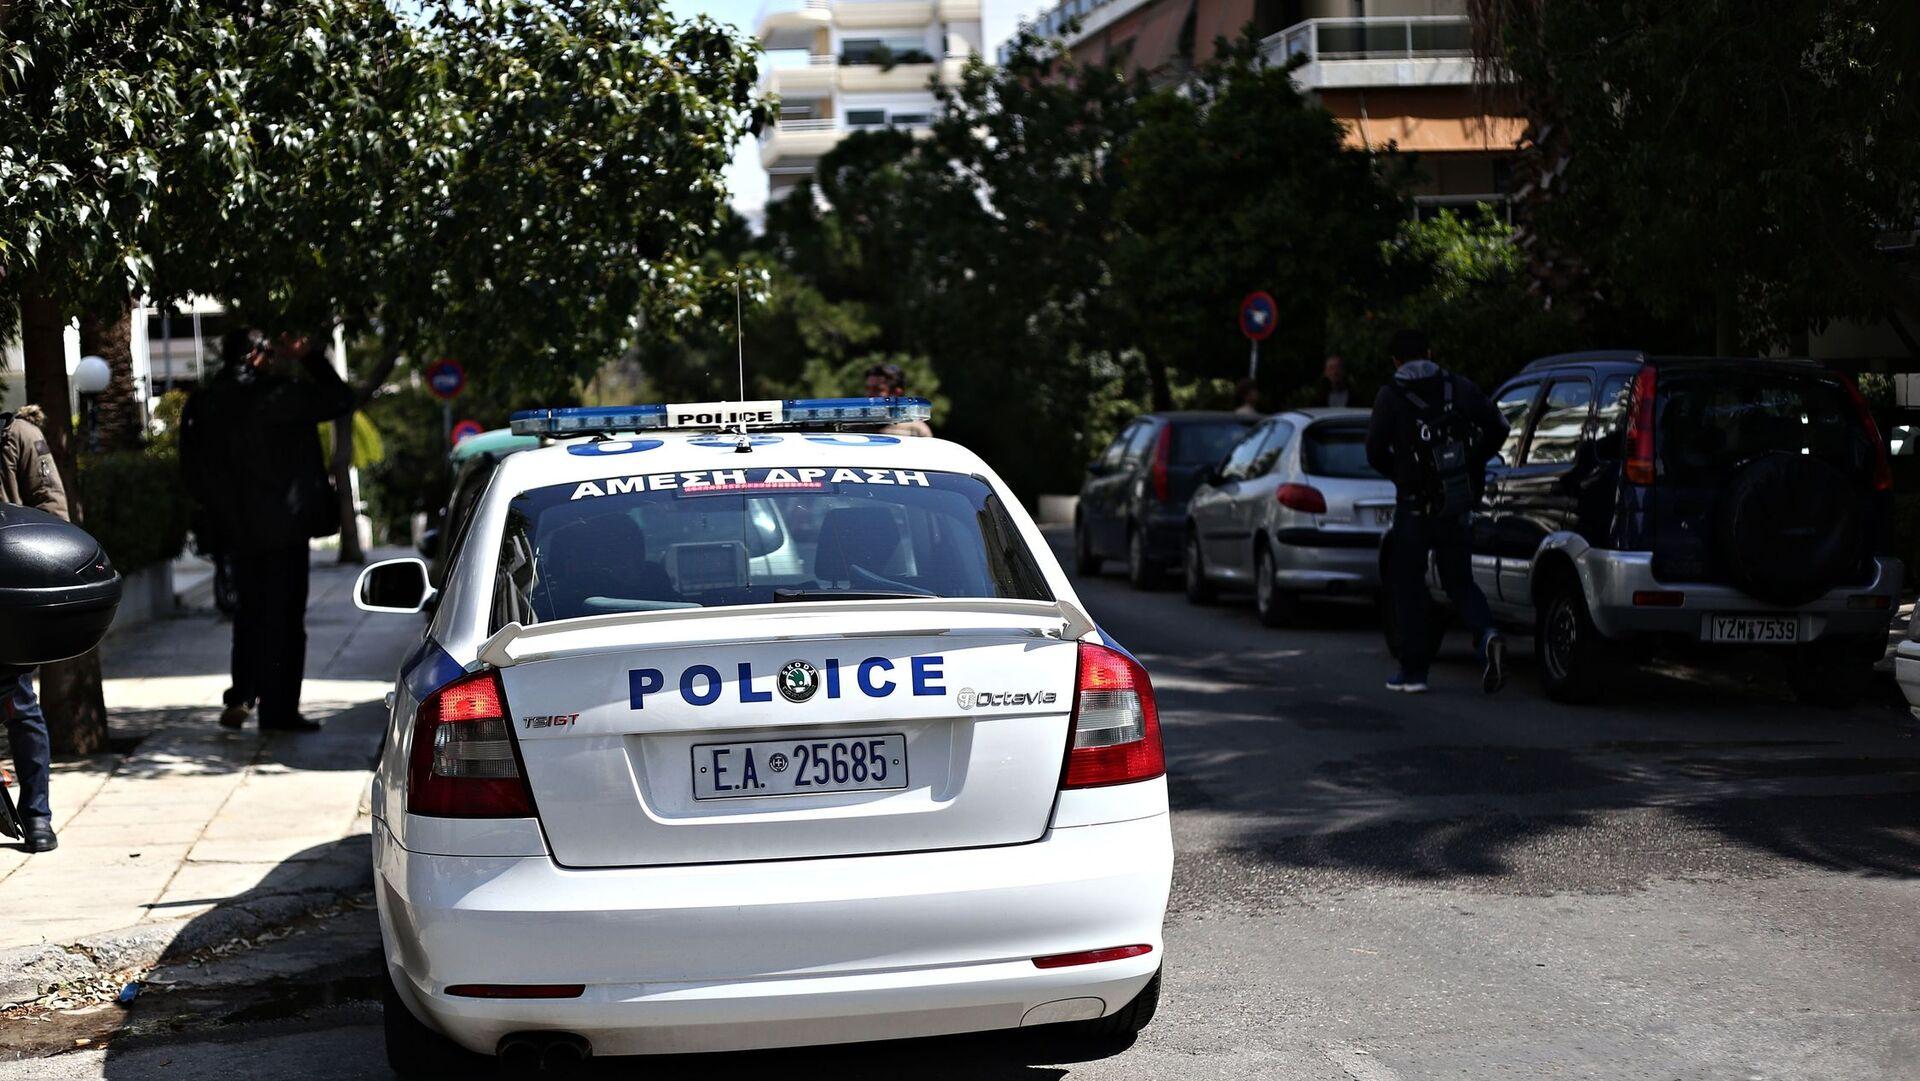 Περιπολικό της αστυνομίας - Sputnik Ελλάδα, 1920, 04.10.2021